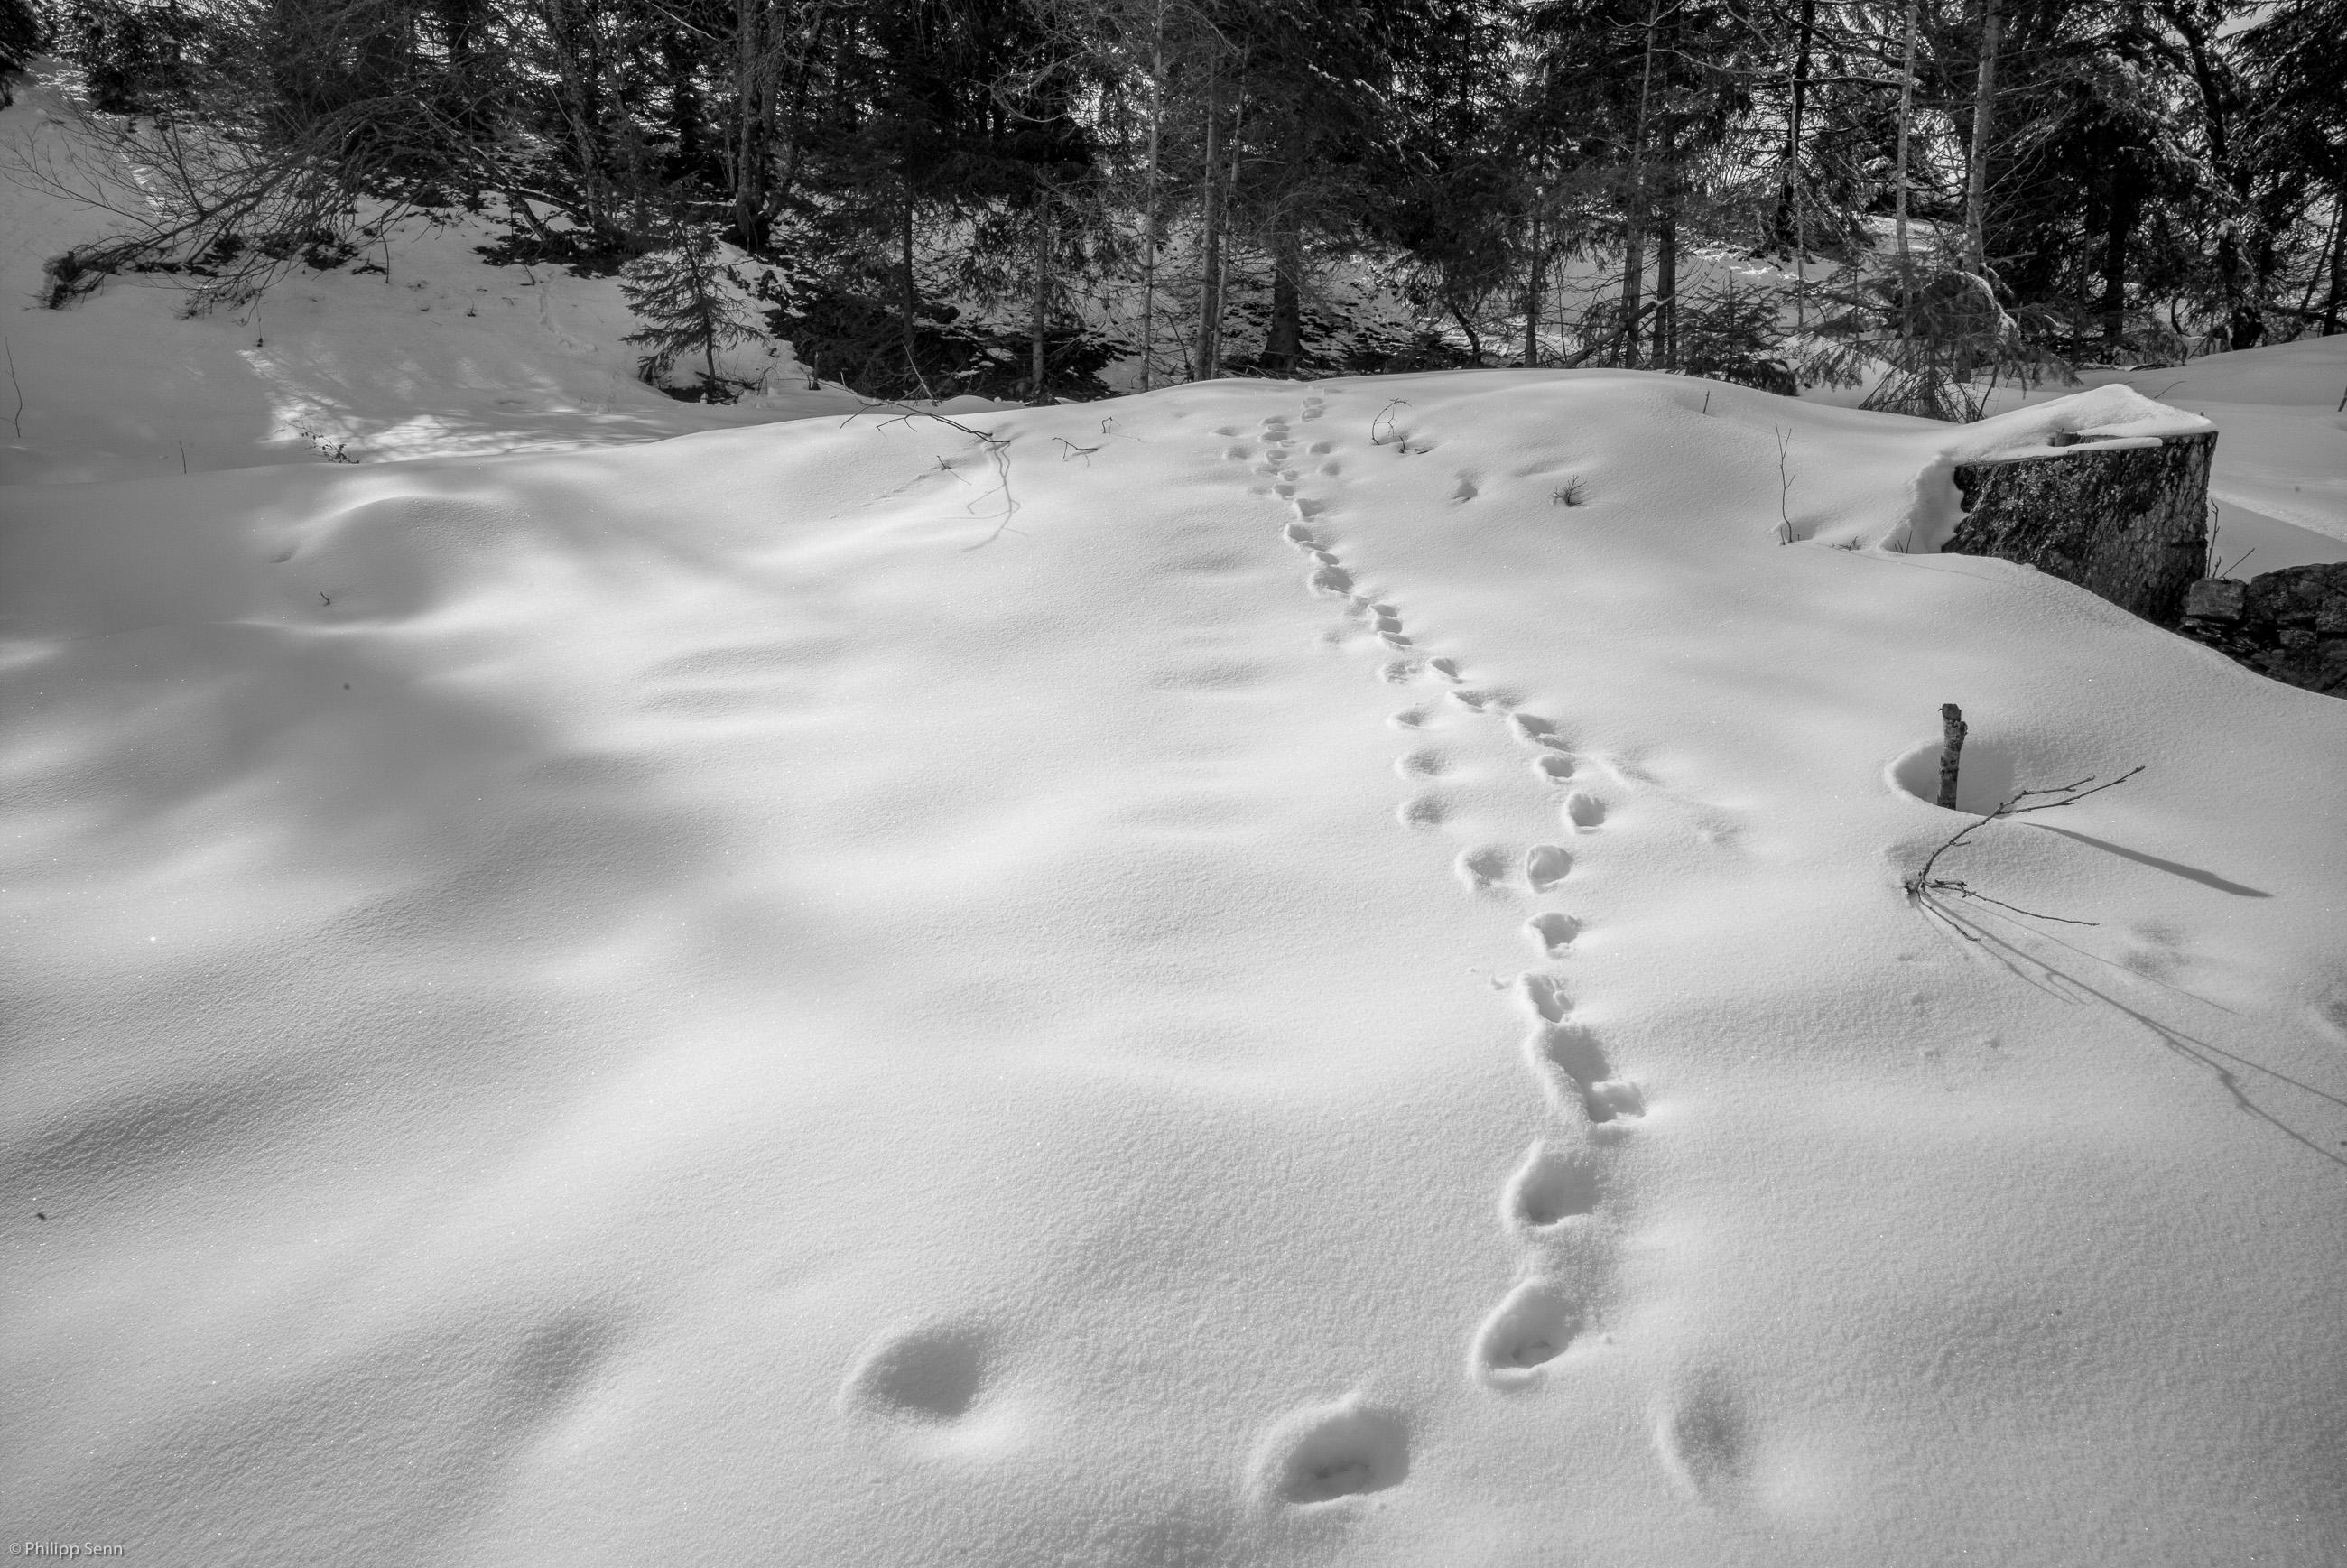 © Philipp Senn. Schwarzwald. Halde. Spuren im Schnee - nicht von Patricia St. John...